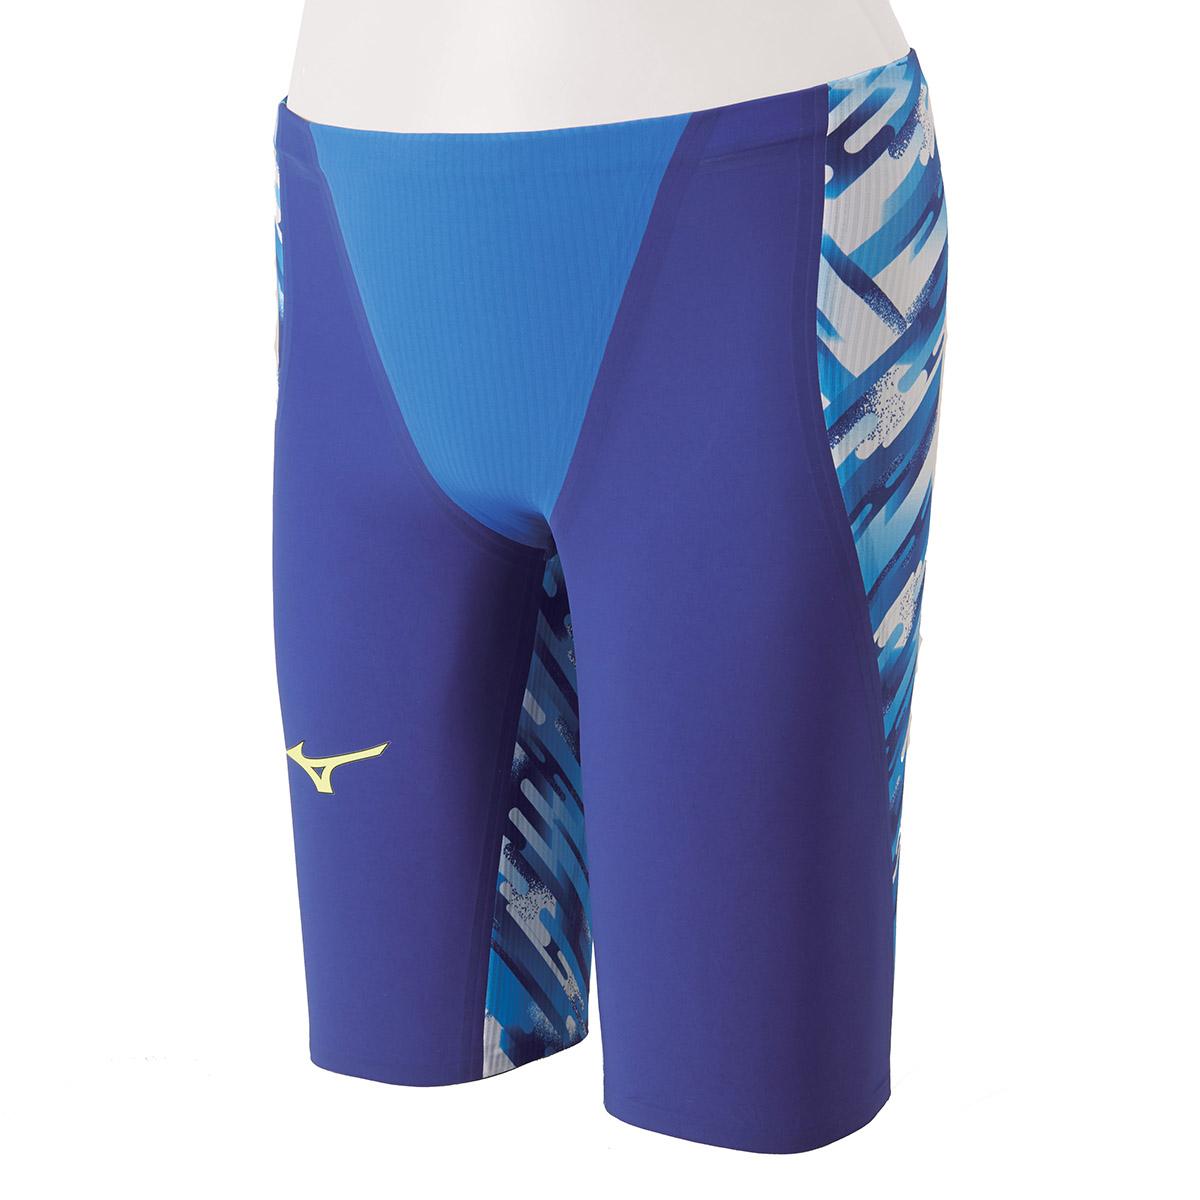 6f7db7120b GX SONIC III ST half spats for Men Blue